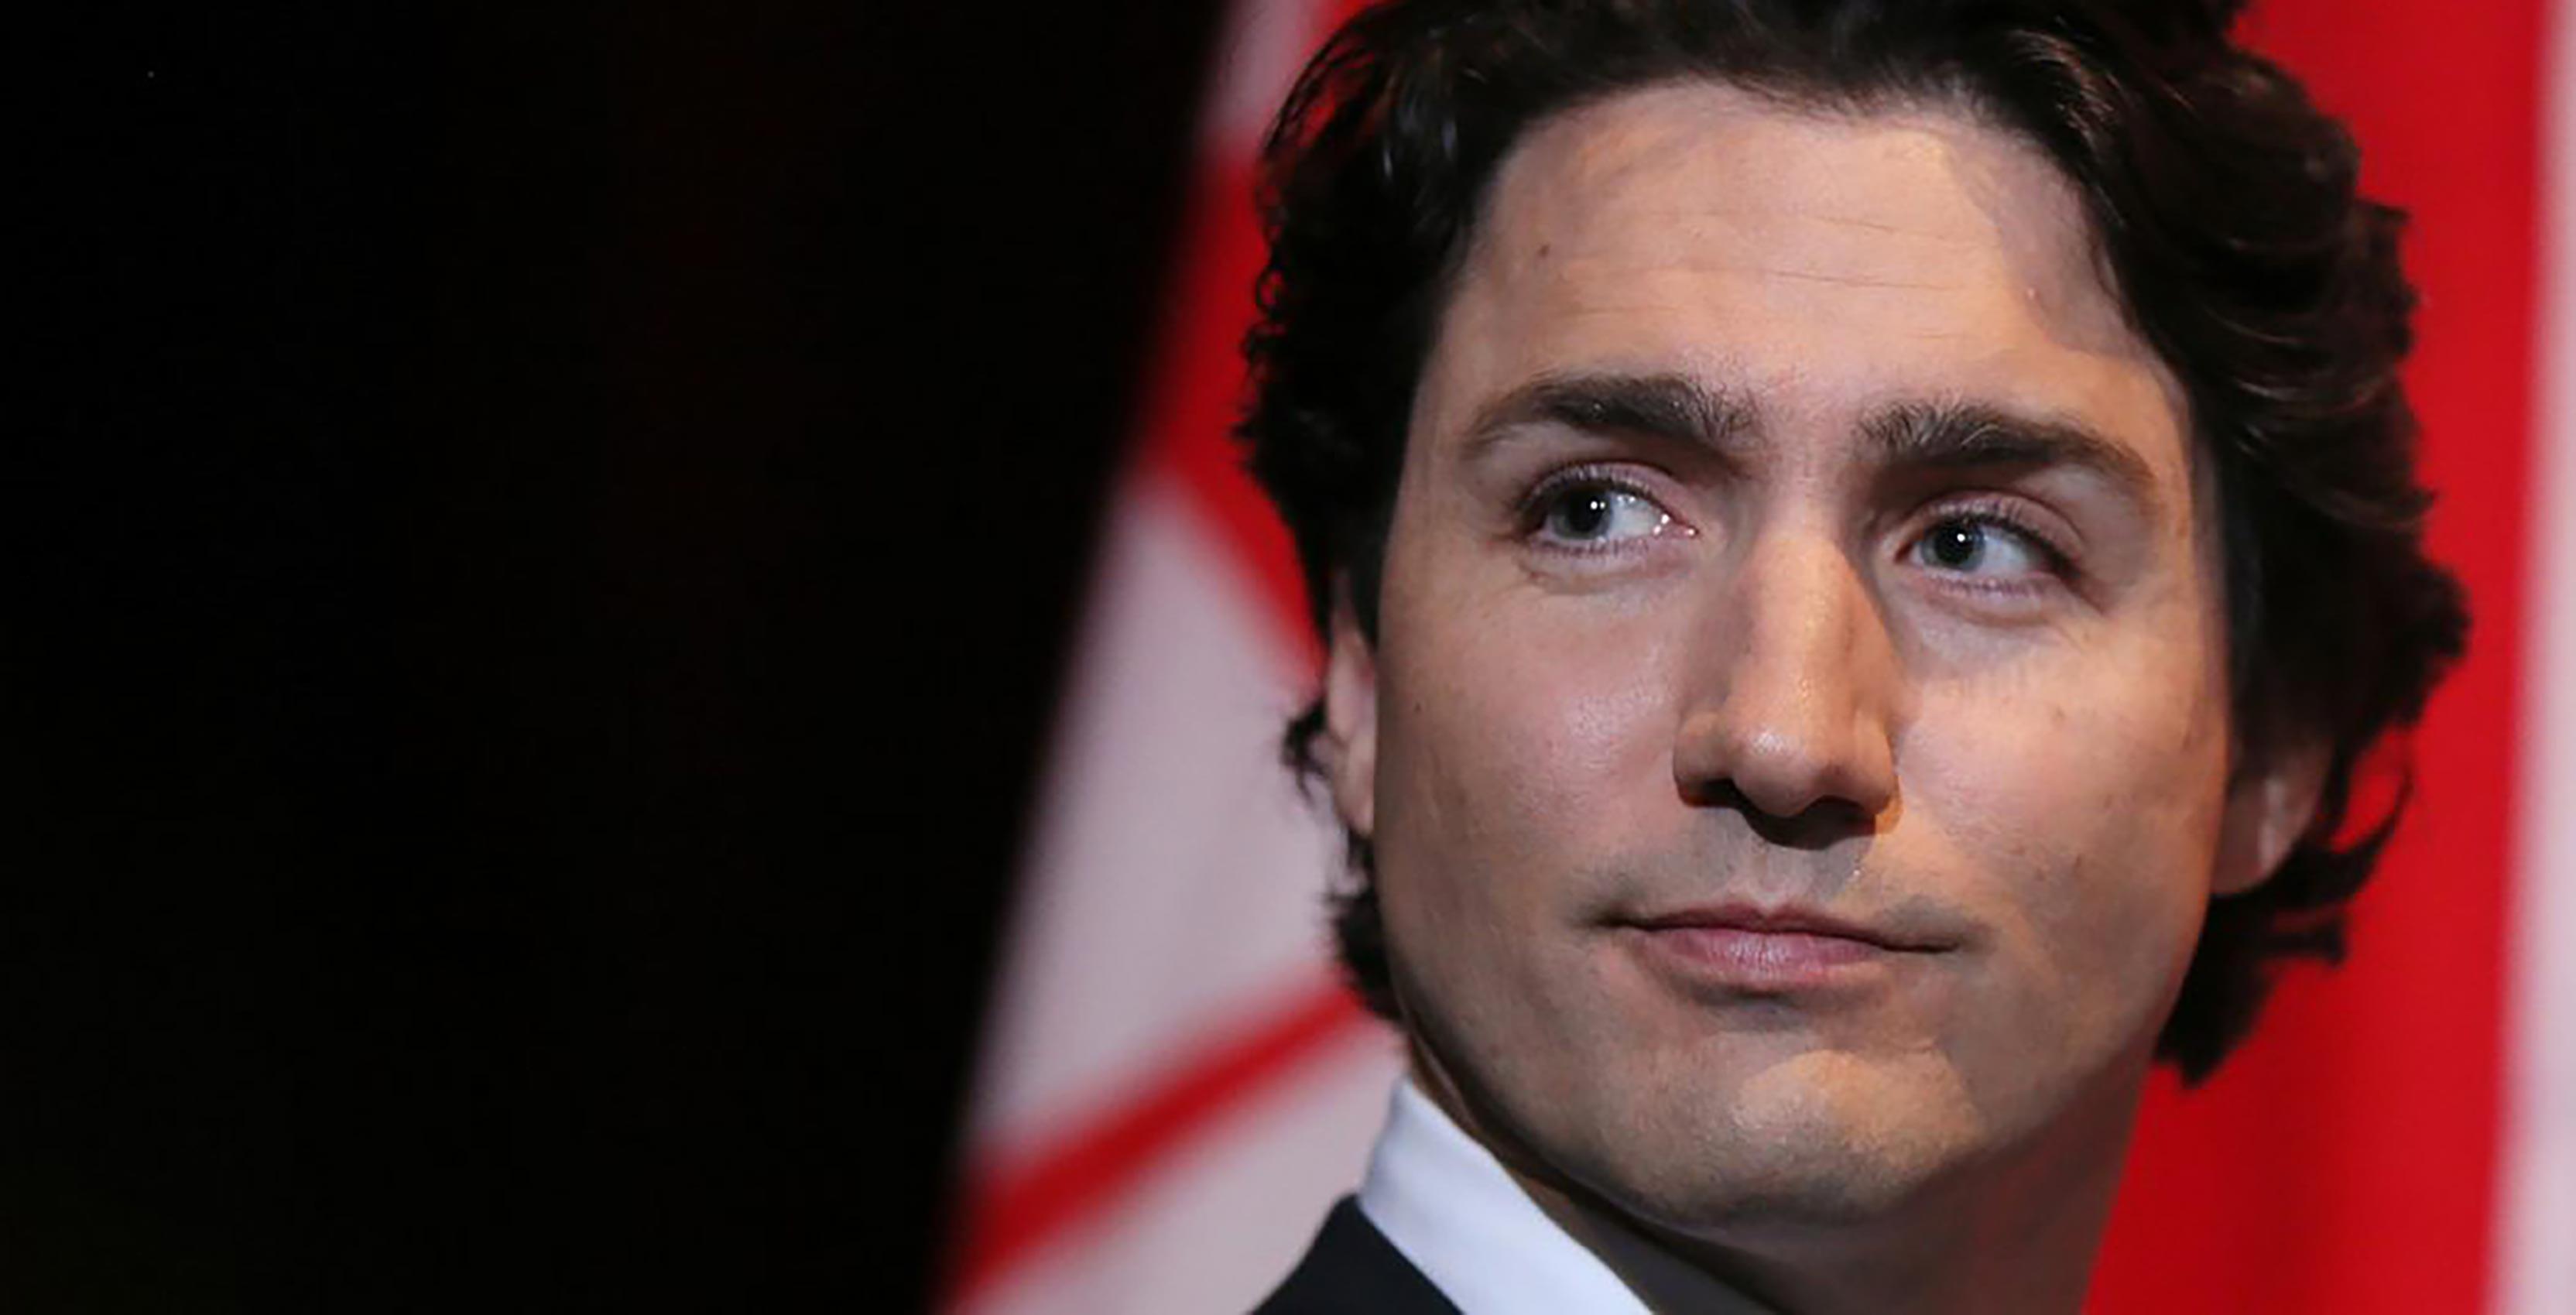 Justin Trudeau head